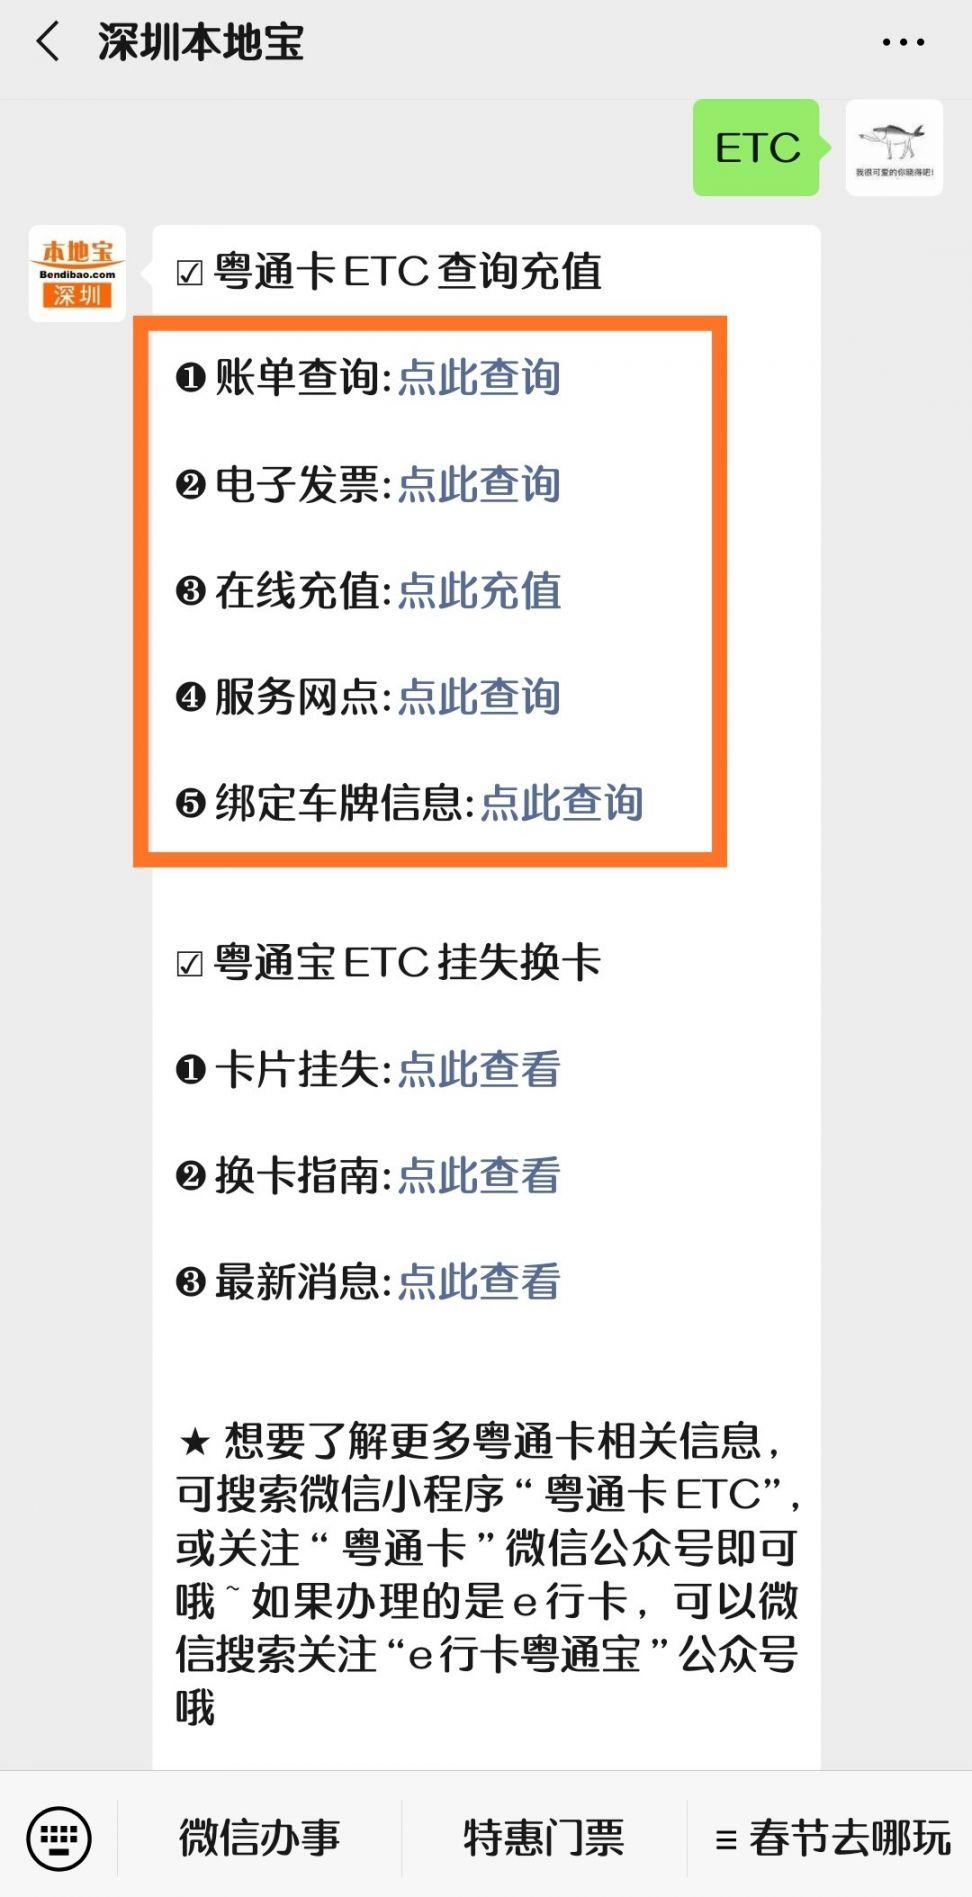 深圳ETC收费等热点问题解答及广